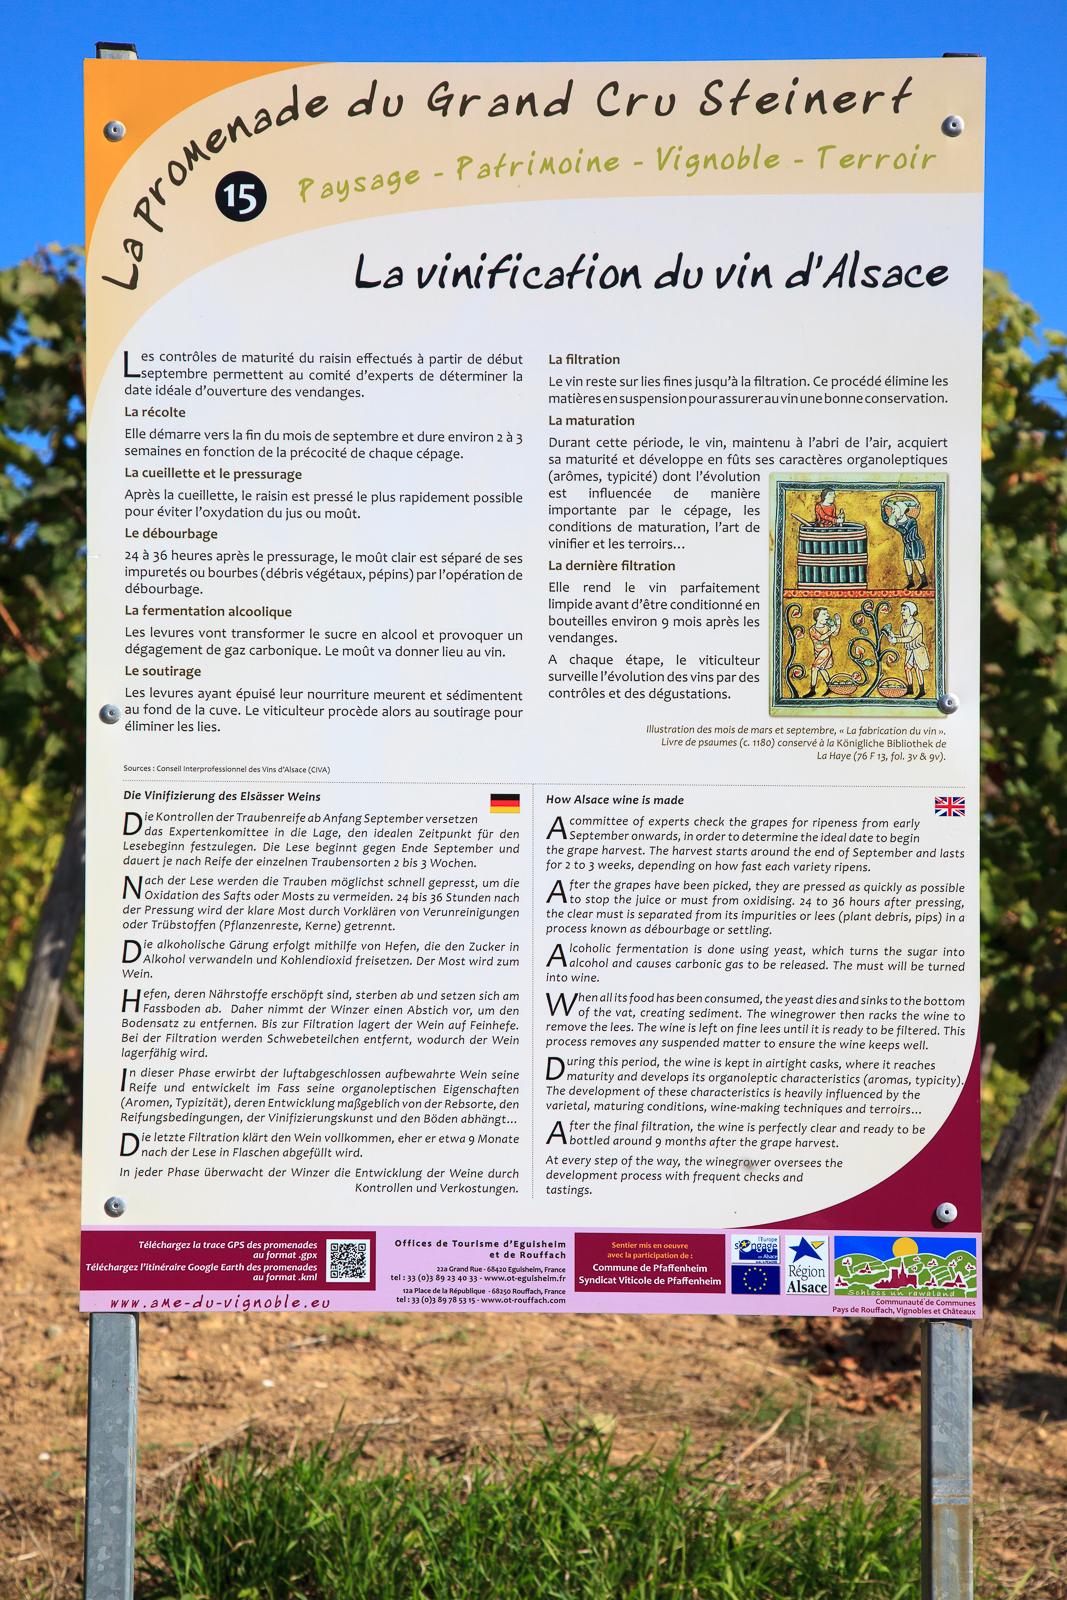 Dag03-Alsace-063-IMG_52188